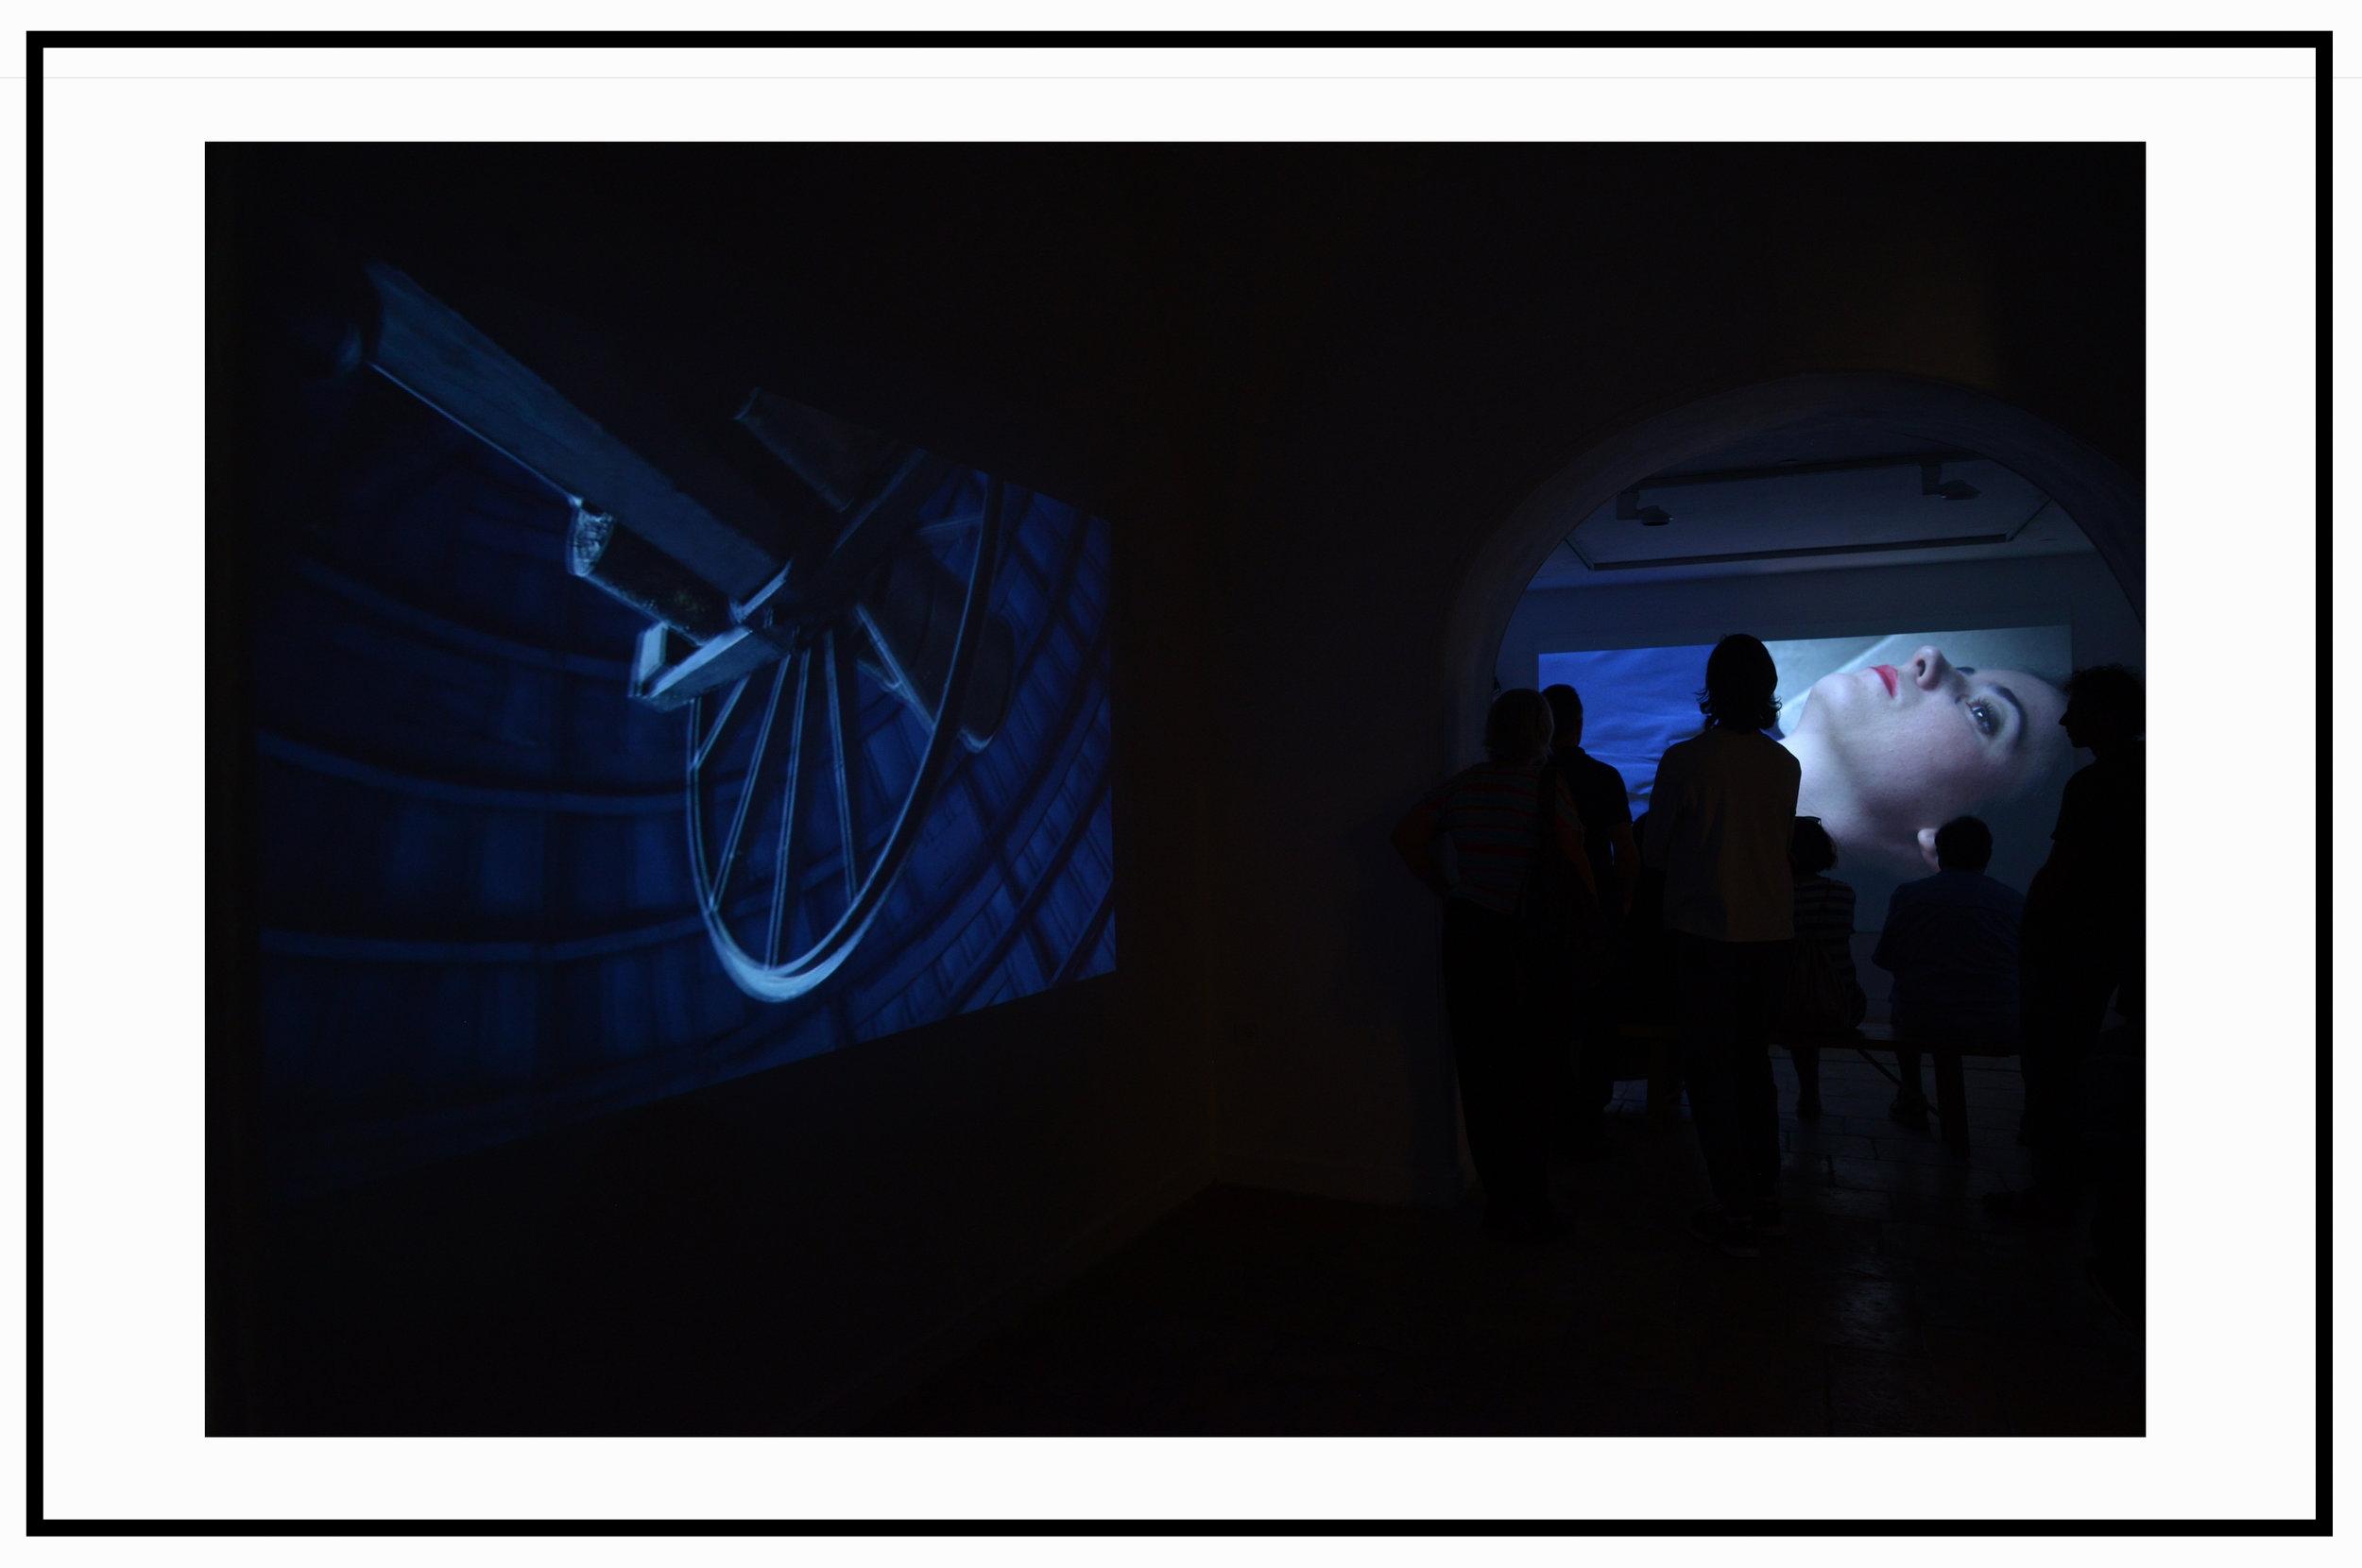 Pre-Conditioned Tracks | Solo Exhibition by Dan Robert Lahiani14.04-02.06 2018 Curator: Ohad Matalon -